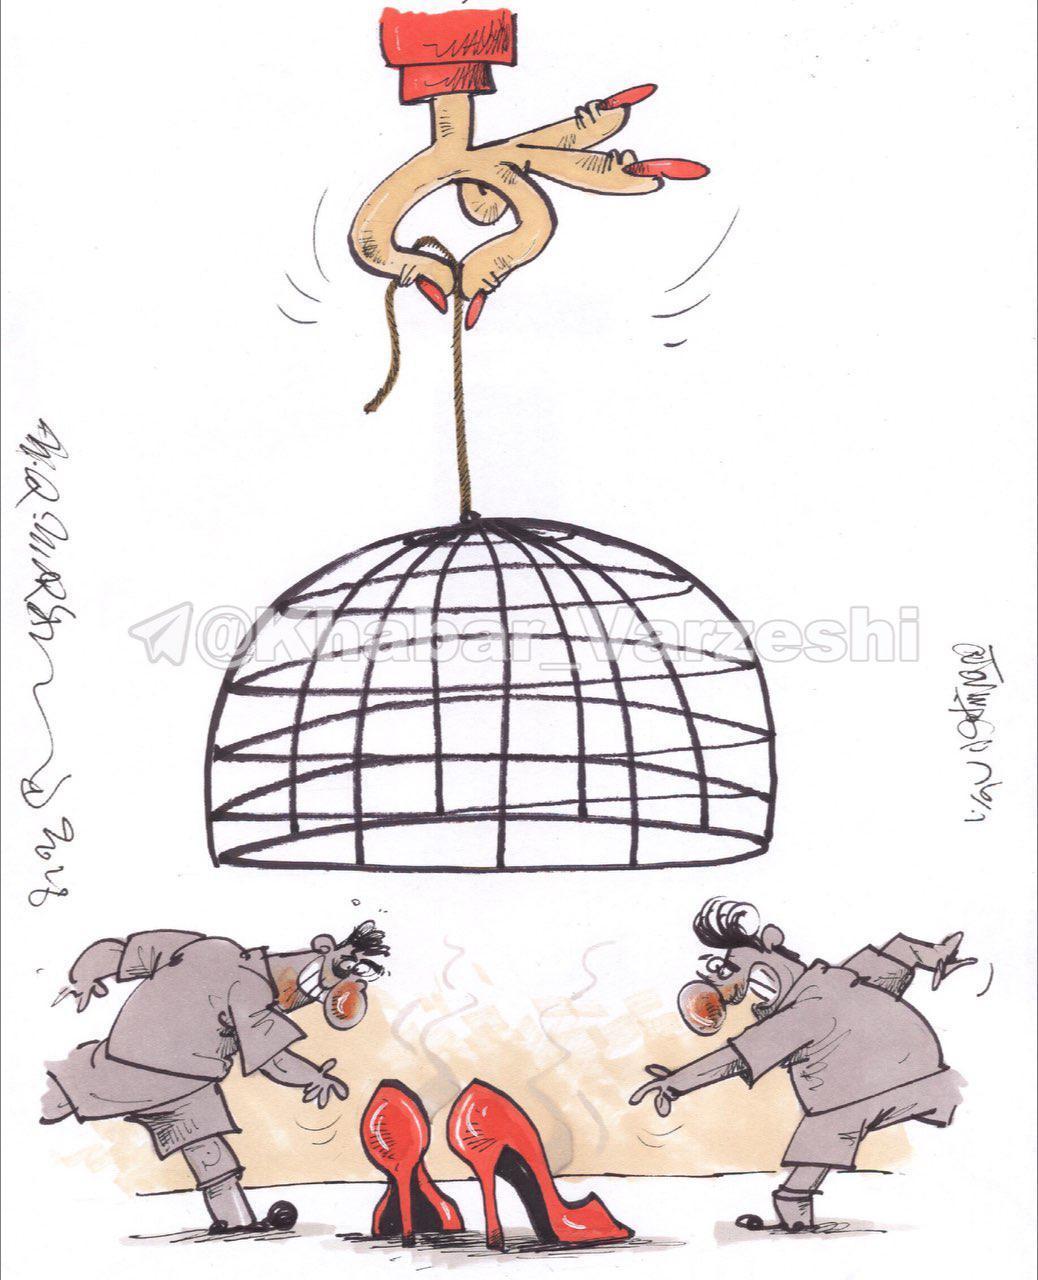 کاریکاتور کلاهبرداری یک دختر از ستاره های فوتبال ایران,کاریکاتور,عکس کاریکاتور,کاریکاتور ورزشی